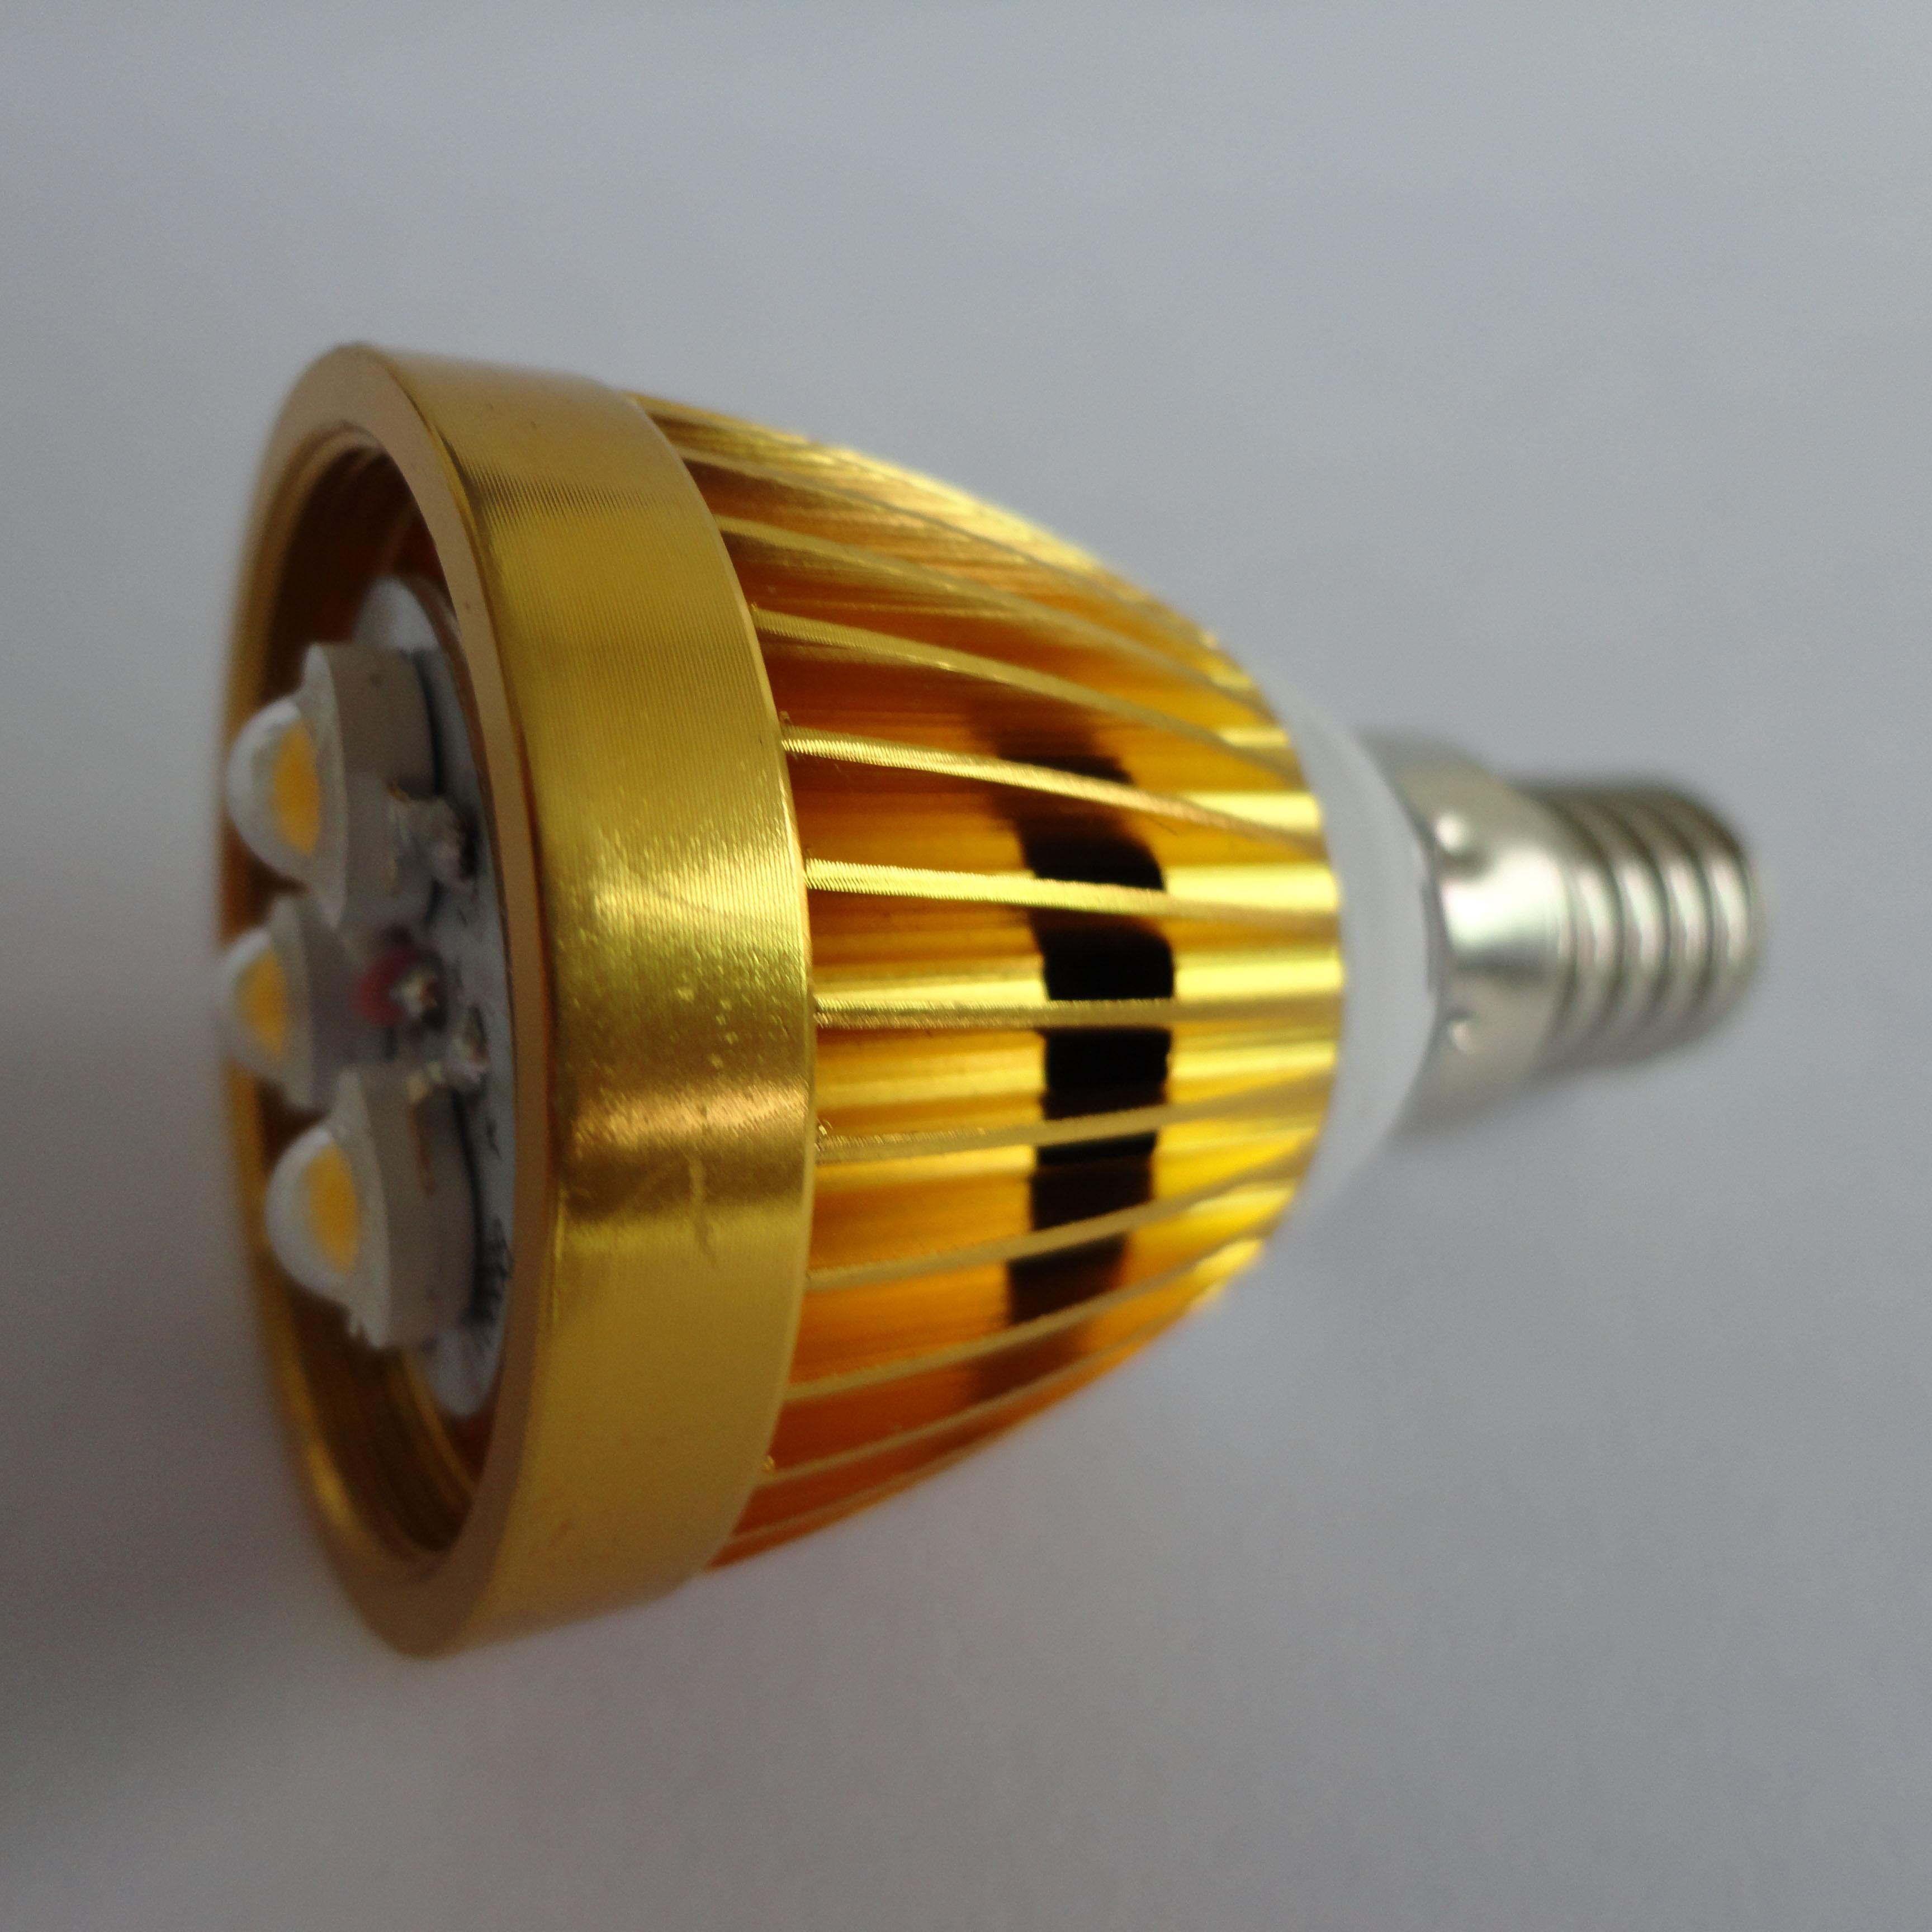 rBVaJFipV4qAK2LTAAzsYWz_gUo970 Stilvolle Led Lampen 20 Watt Dekorationen